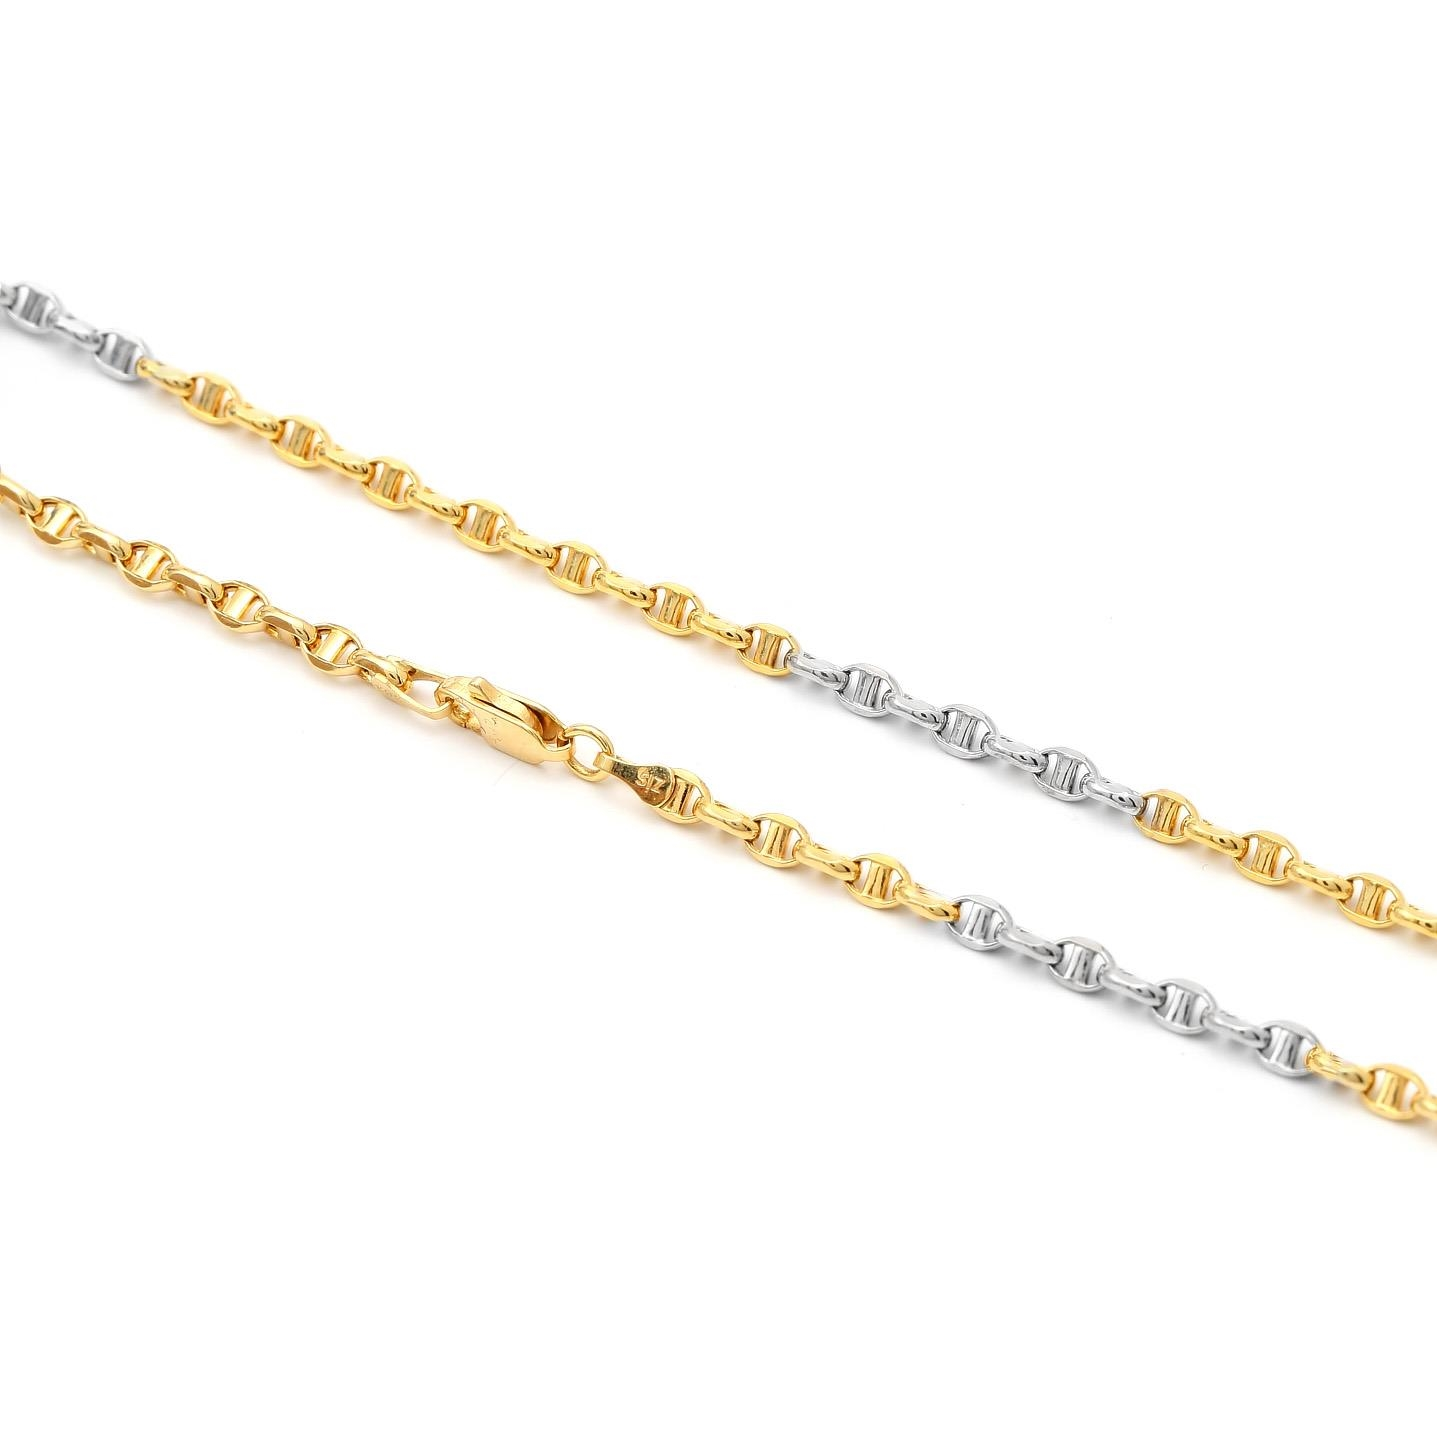 Zlatá retiazka JEMMA 2RK00015